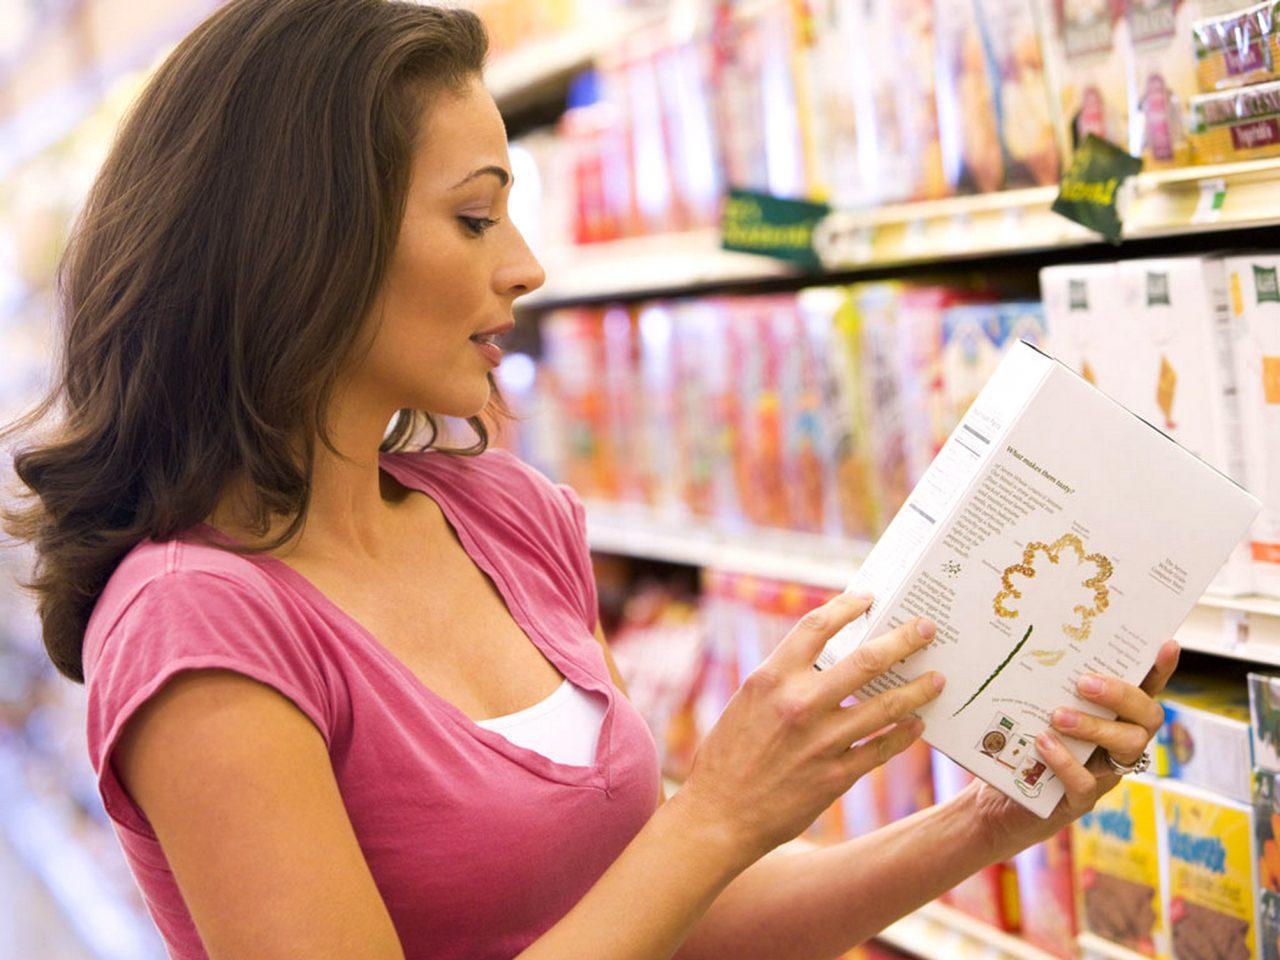 leggere-etichette-alimentari-1280x960.jpg